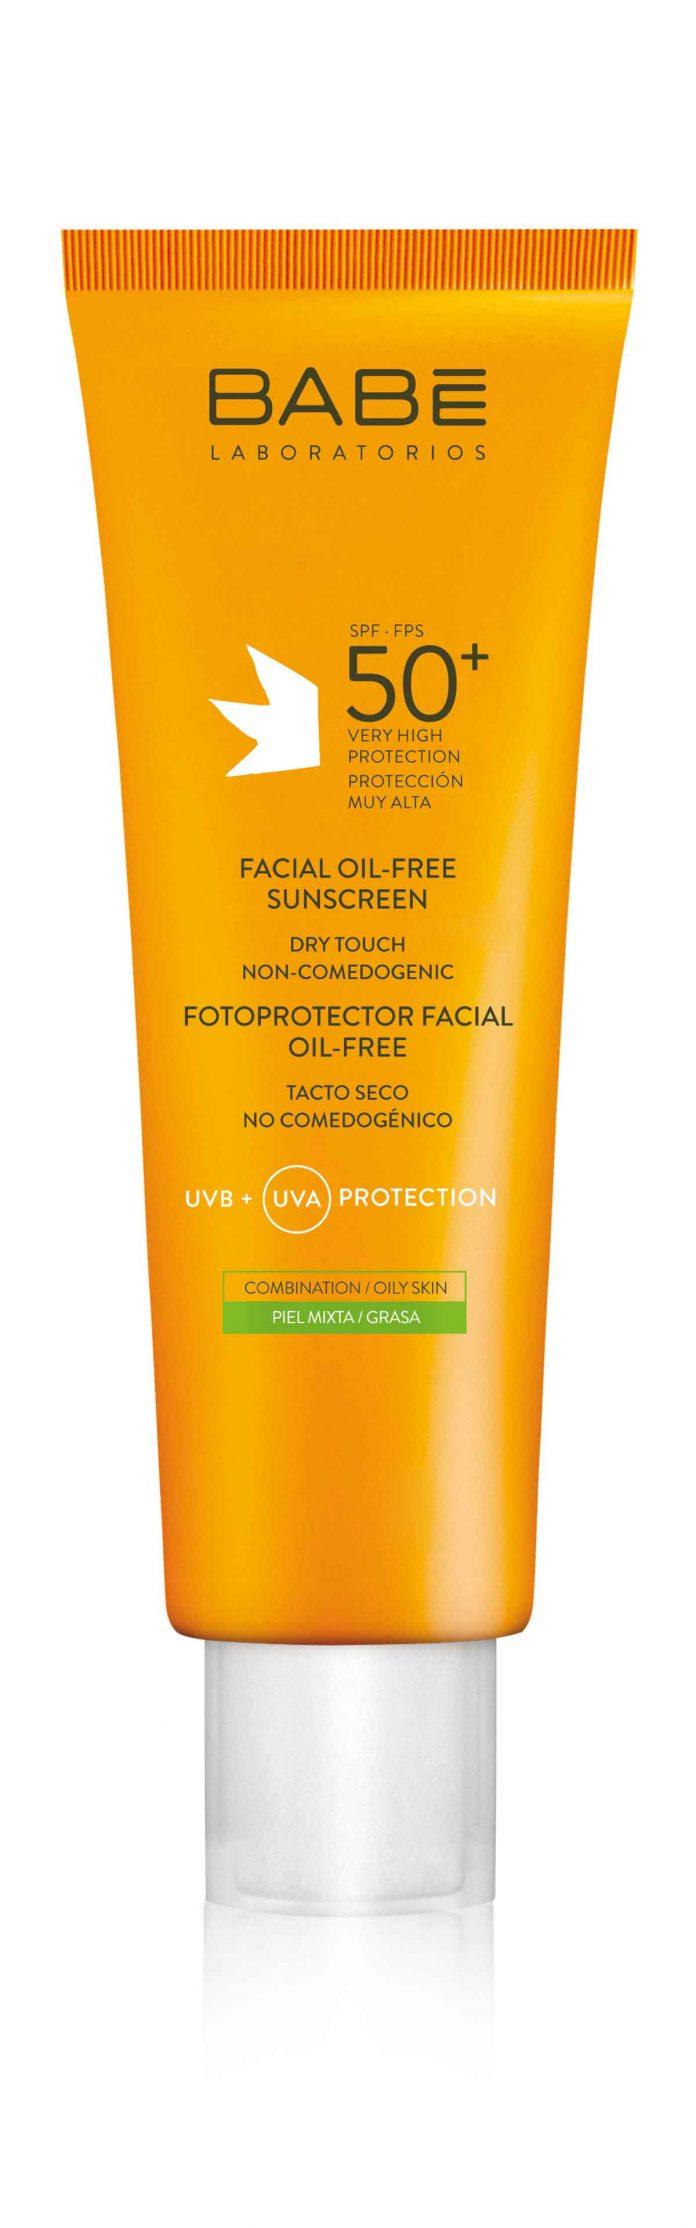 Estas son las 10 mejores cremas solares para proteger tu rostro 1